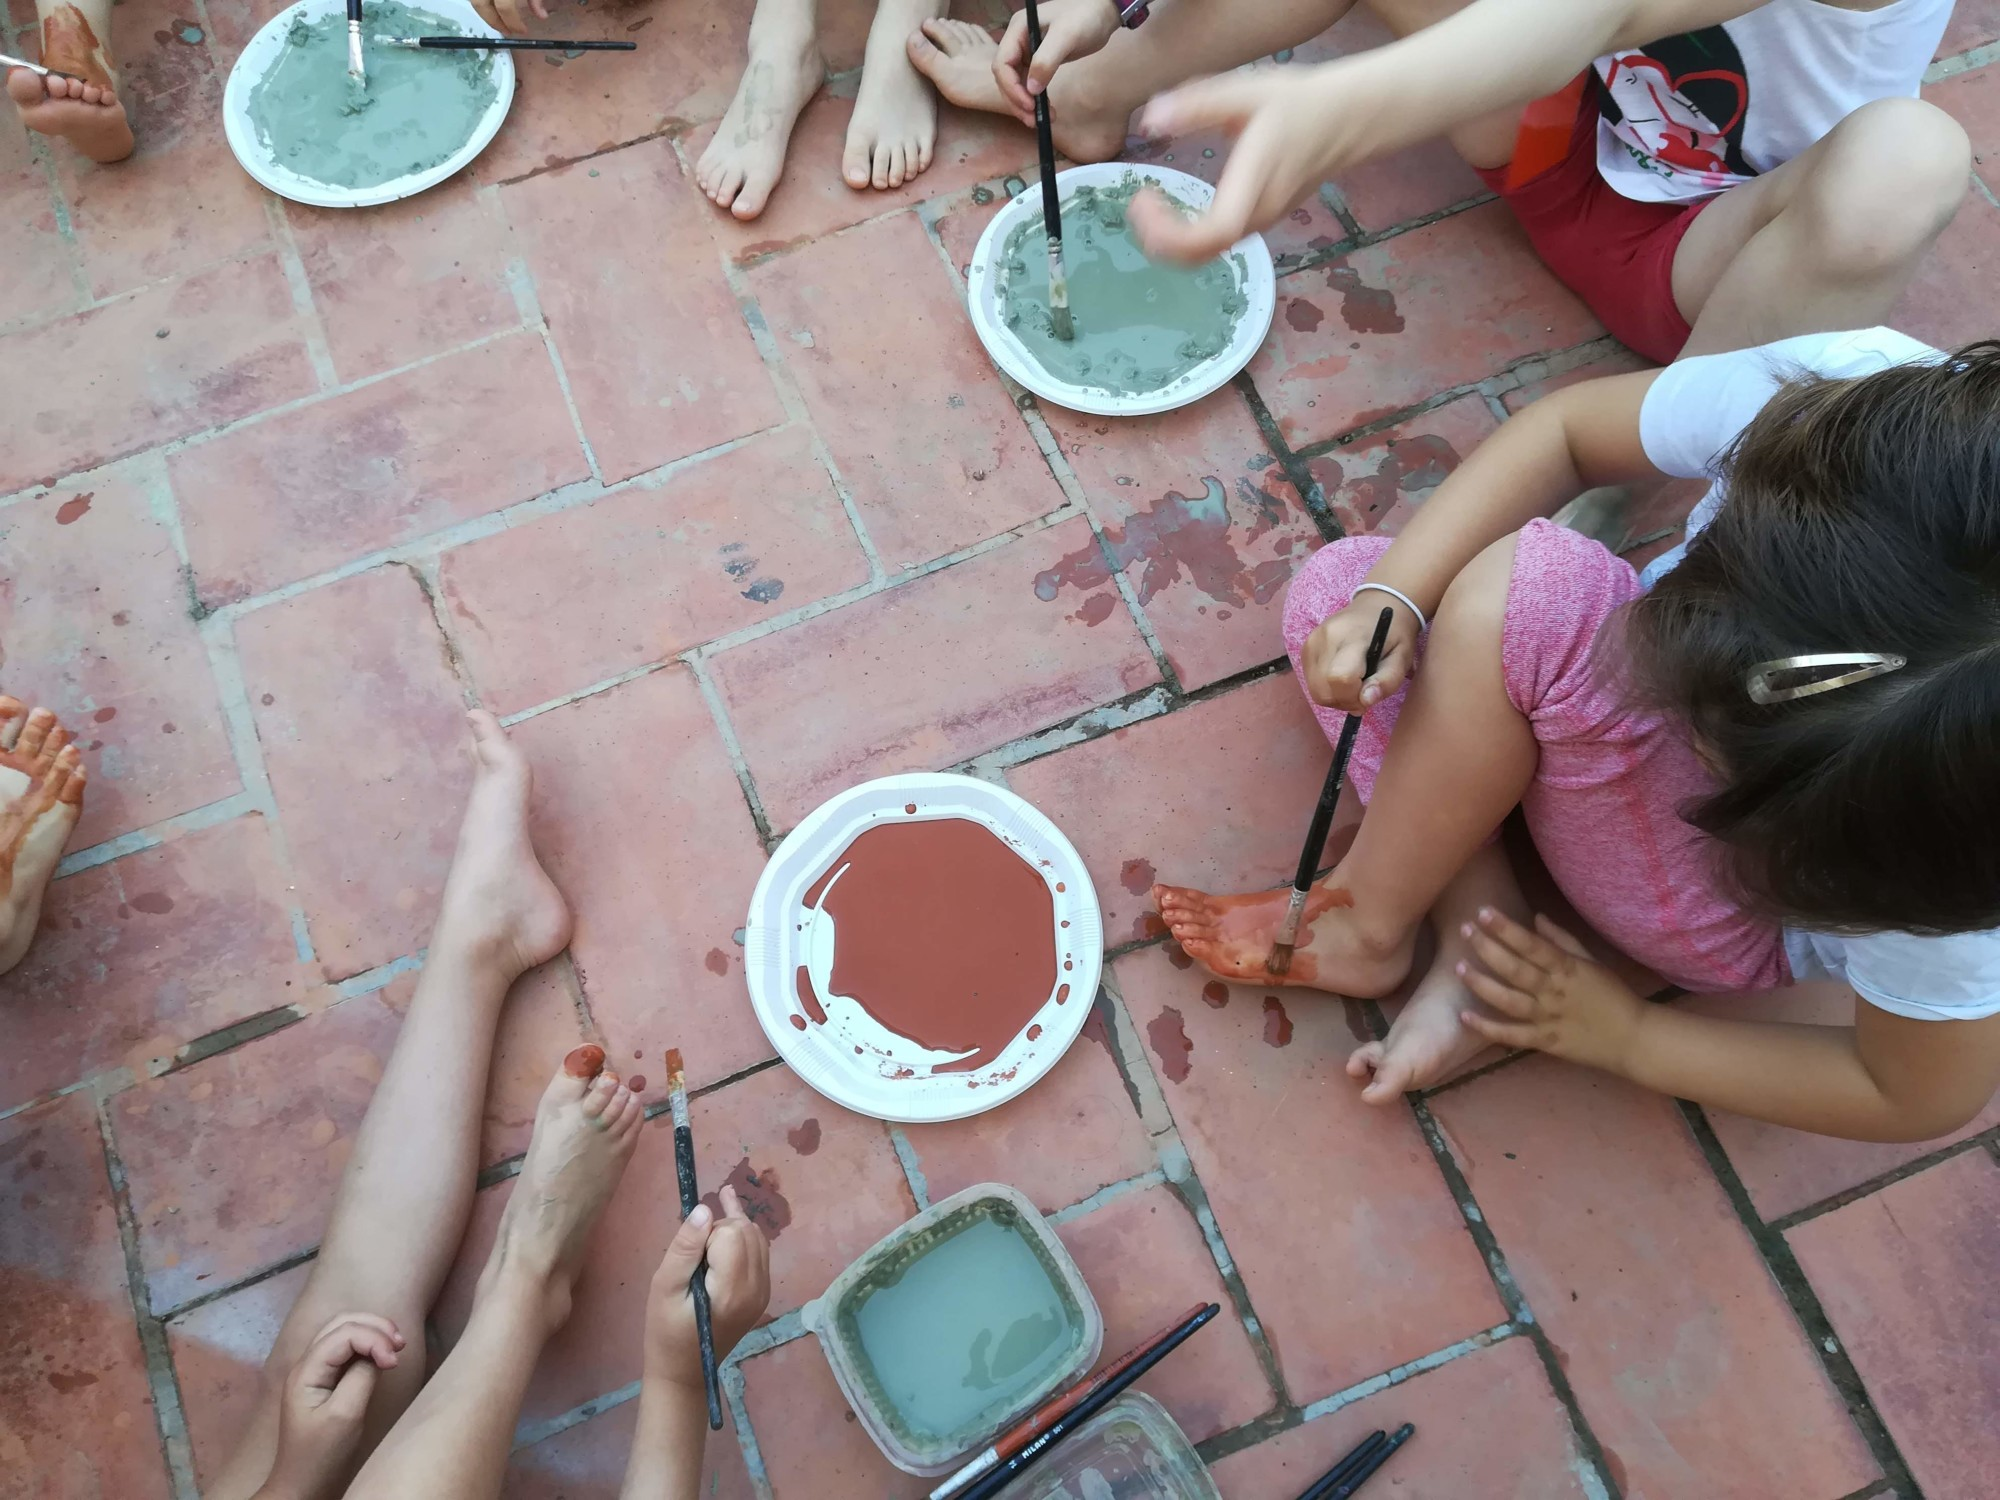 Setmana de jocs lúdics a educació infantil